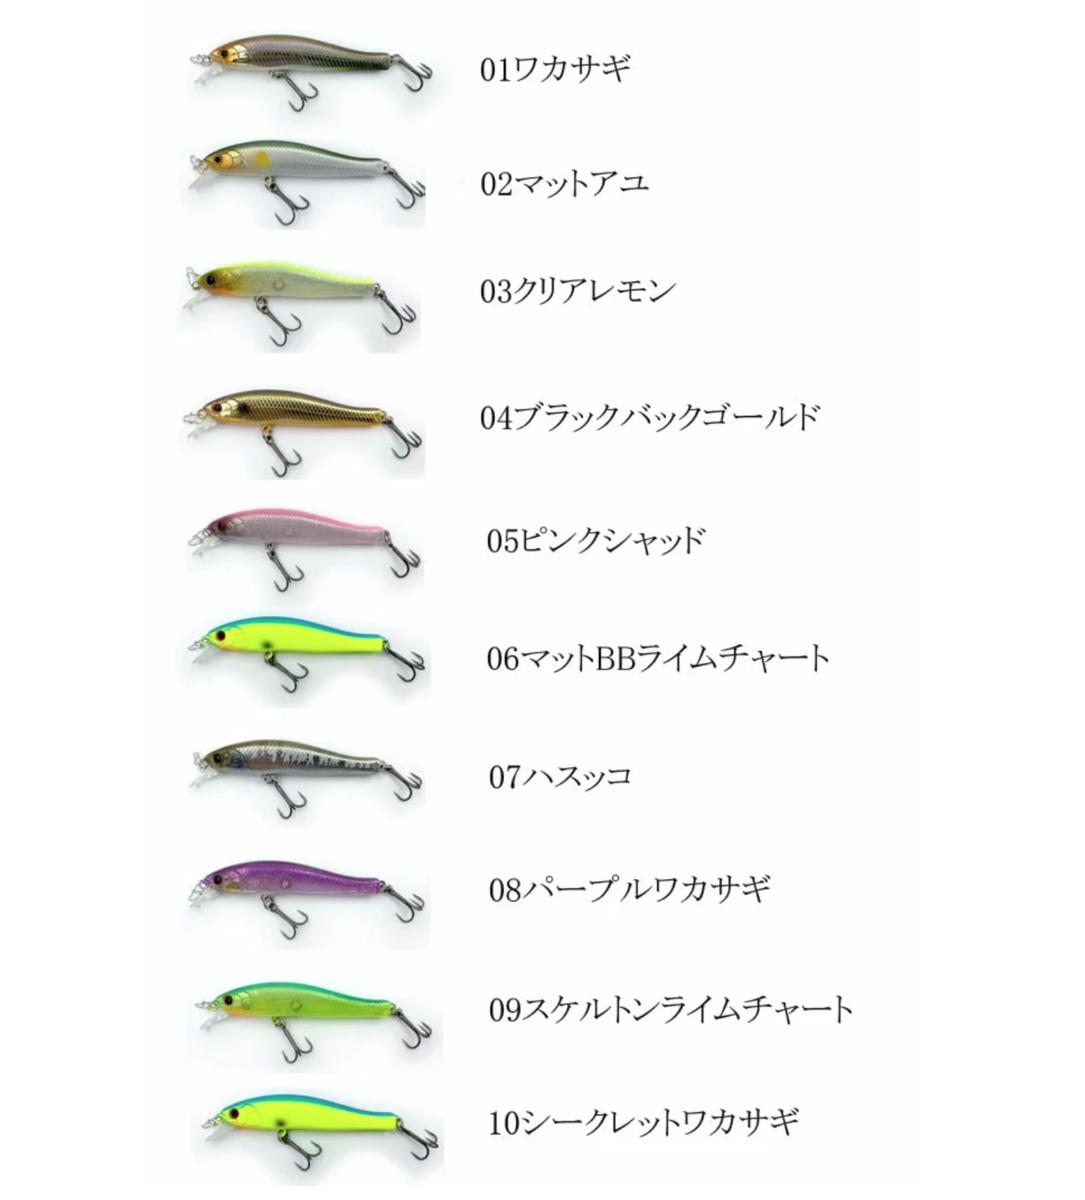 f:id:basssoku:20210519155010p:plain